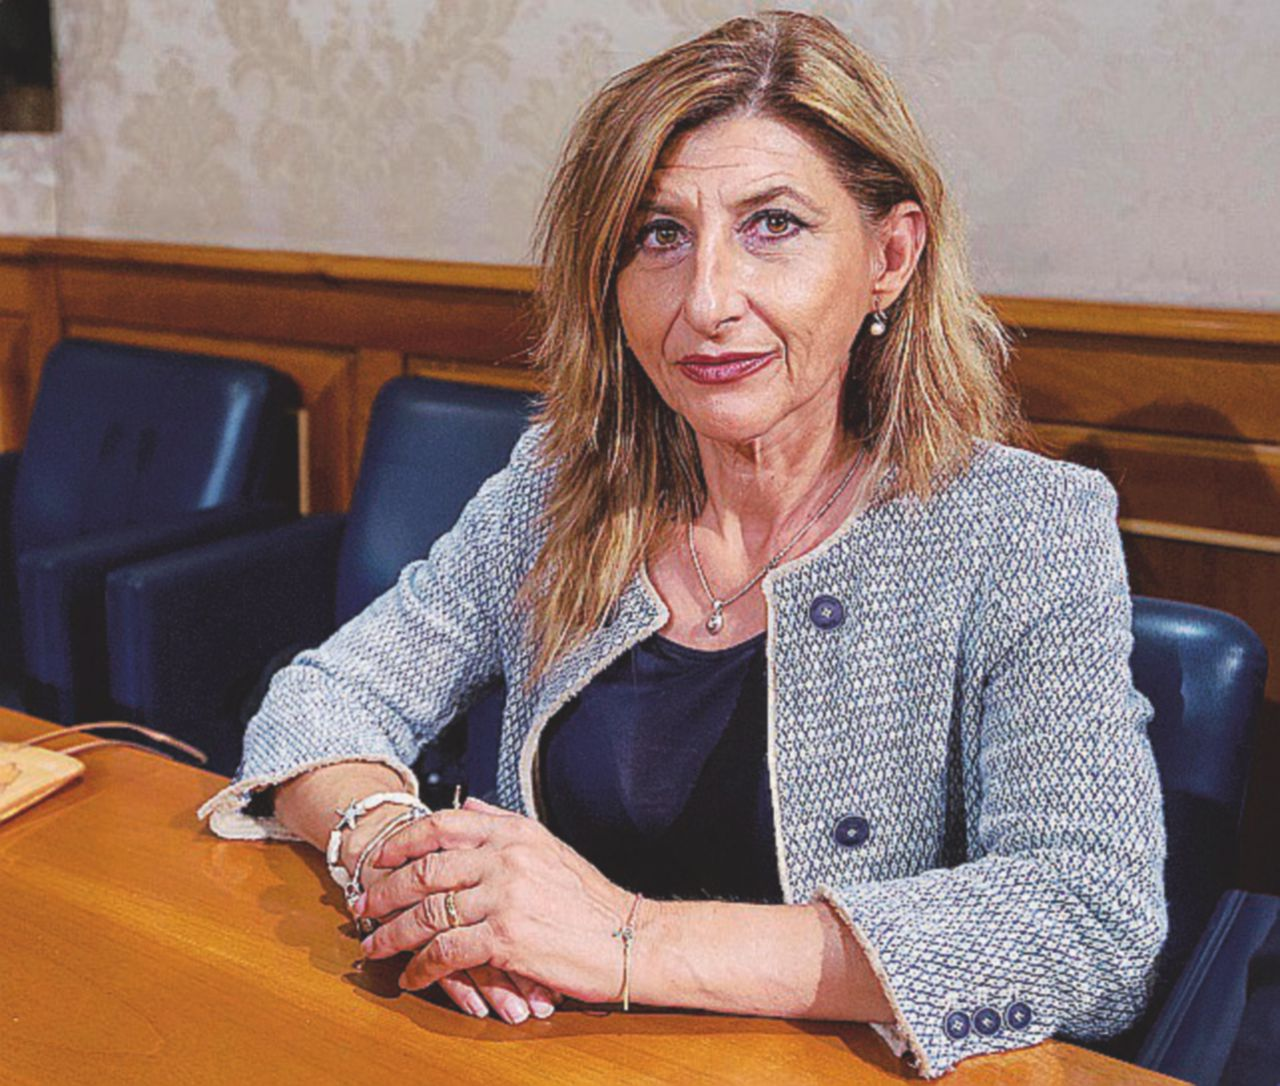 Lampedusa: sconfitta bruciante per Giusi Nicolini, la sindaca (renziana) degli immigrati